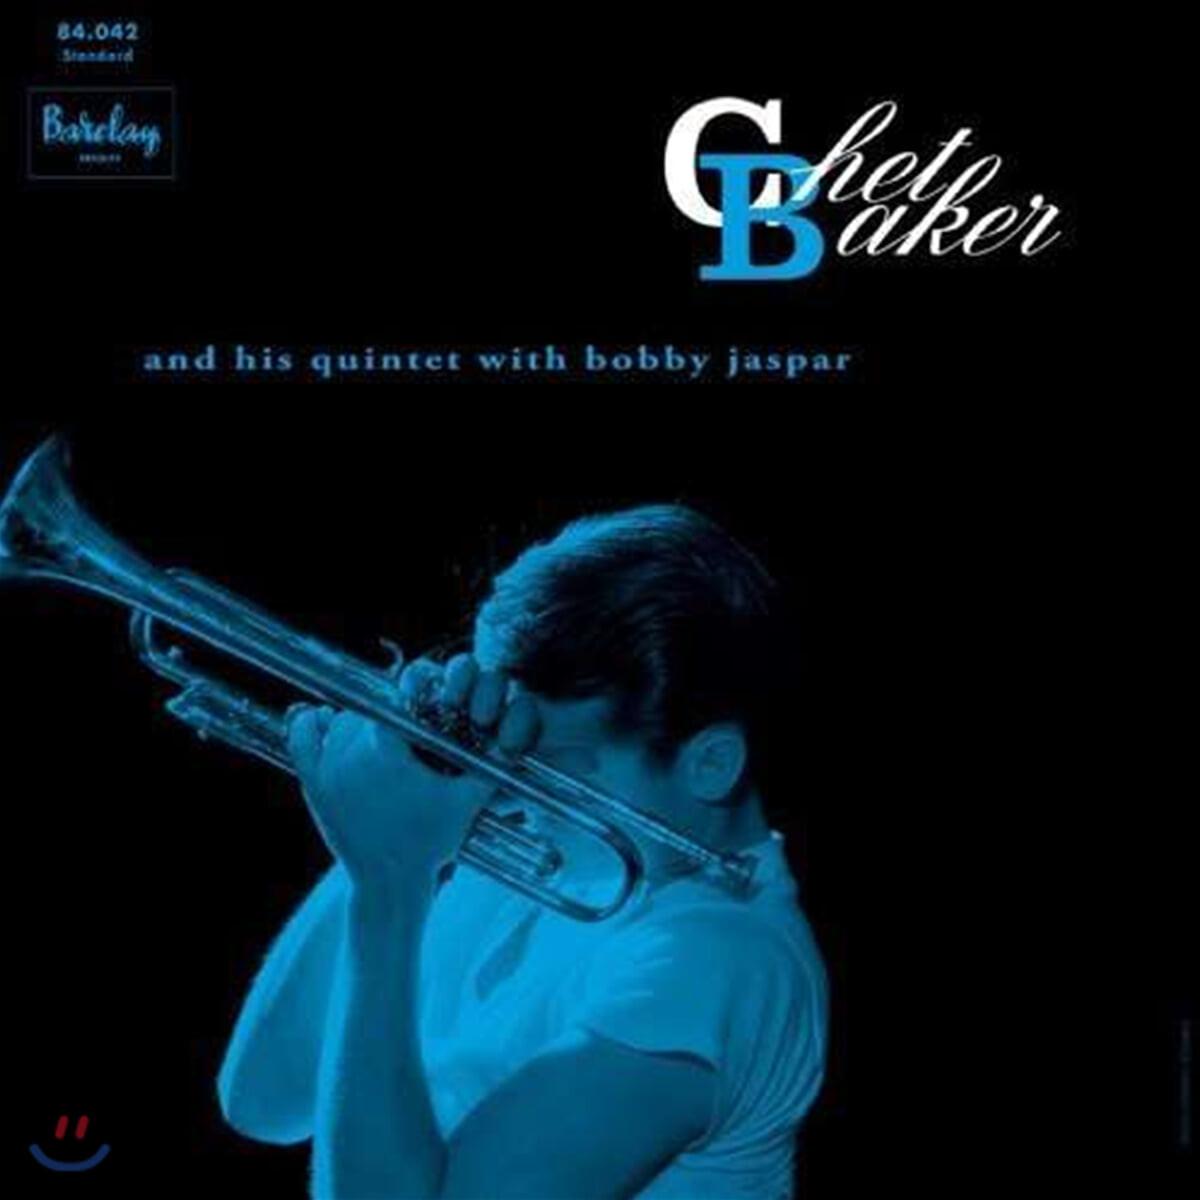 Chet Baker (쳇 베이커) - Chet Baker And His Quintet With Bobby Jaspar (Barclay 1956) [LP]